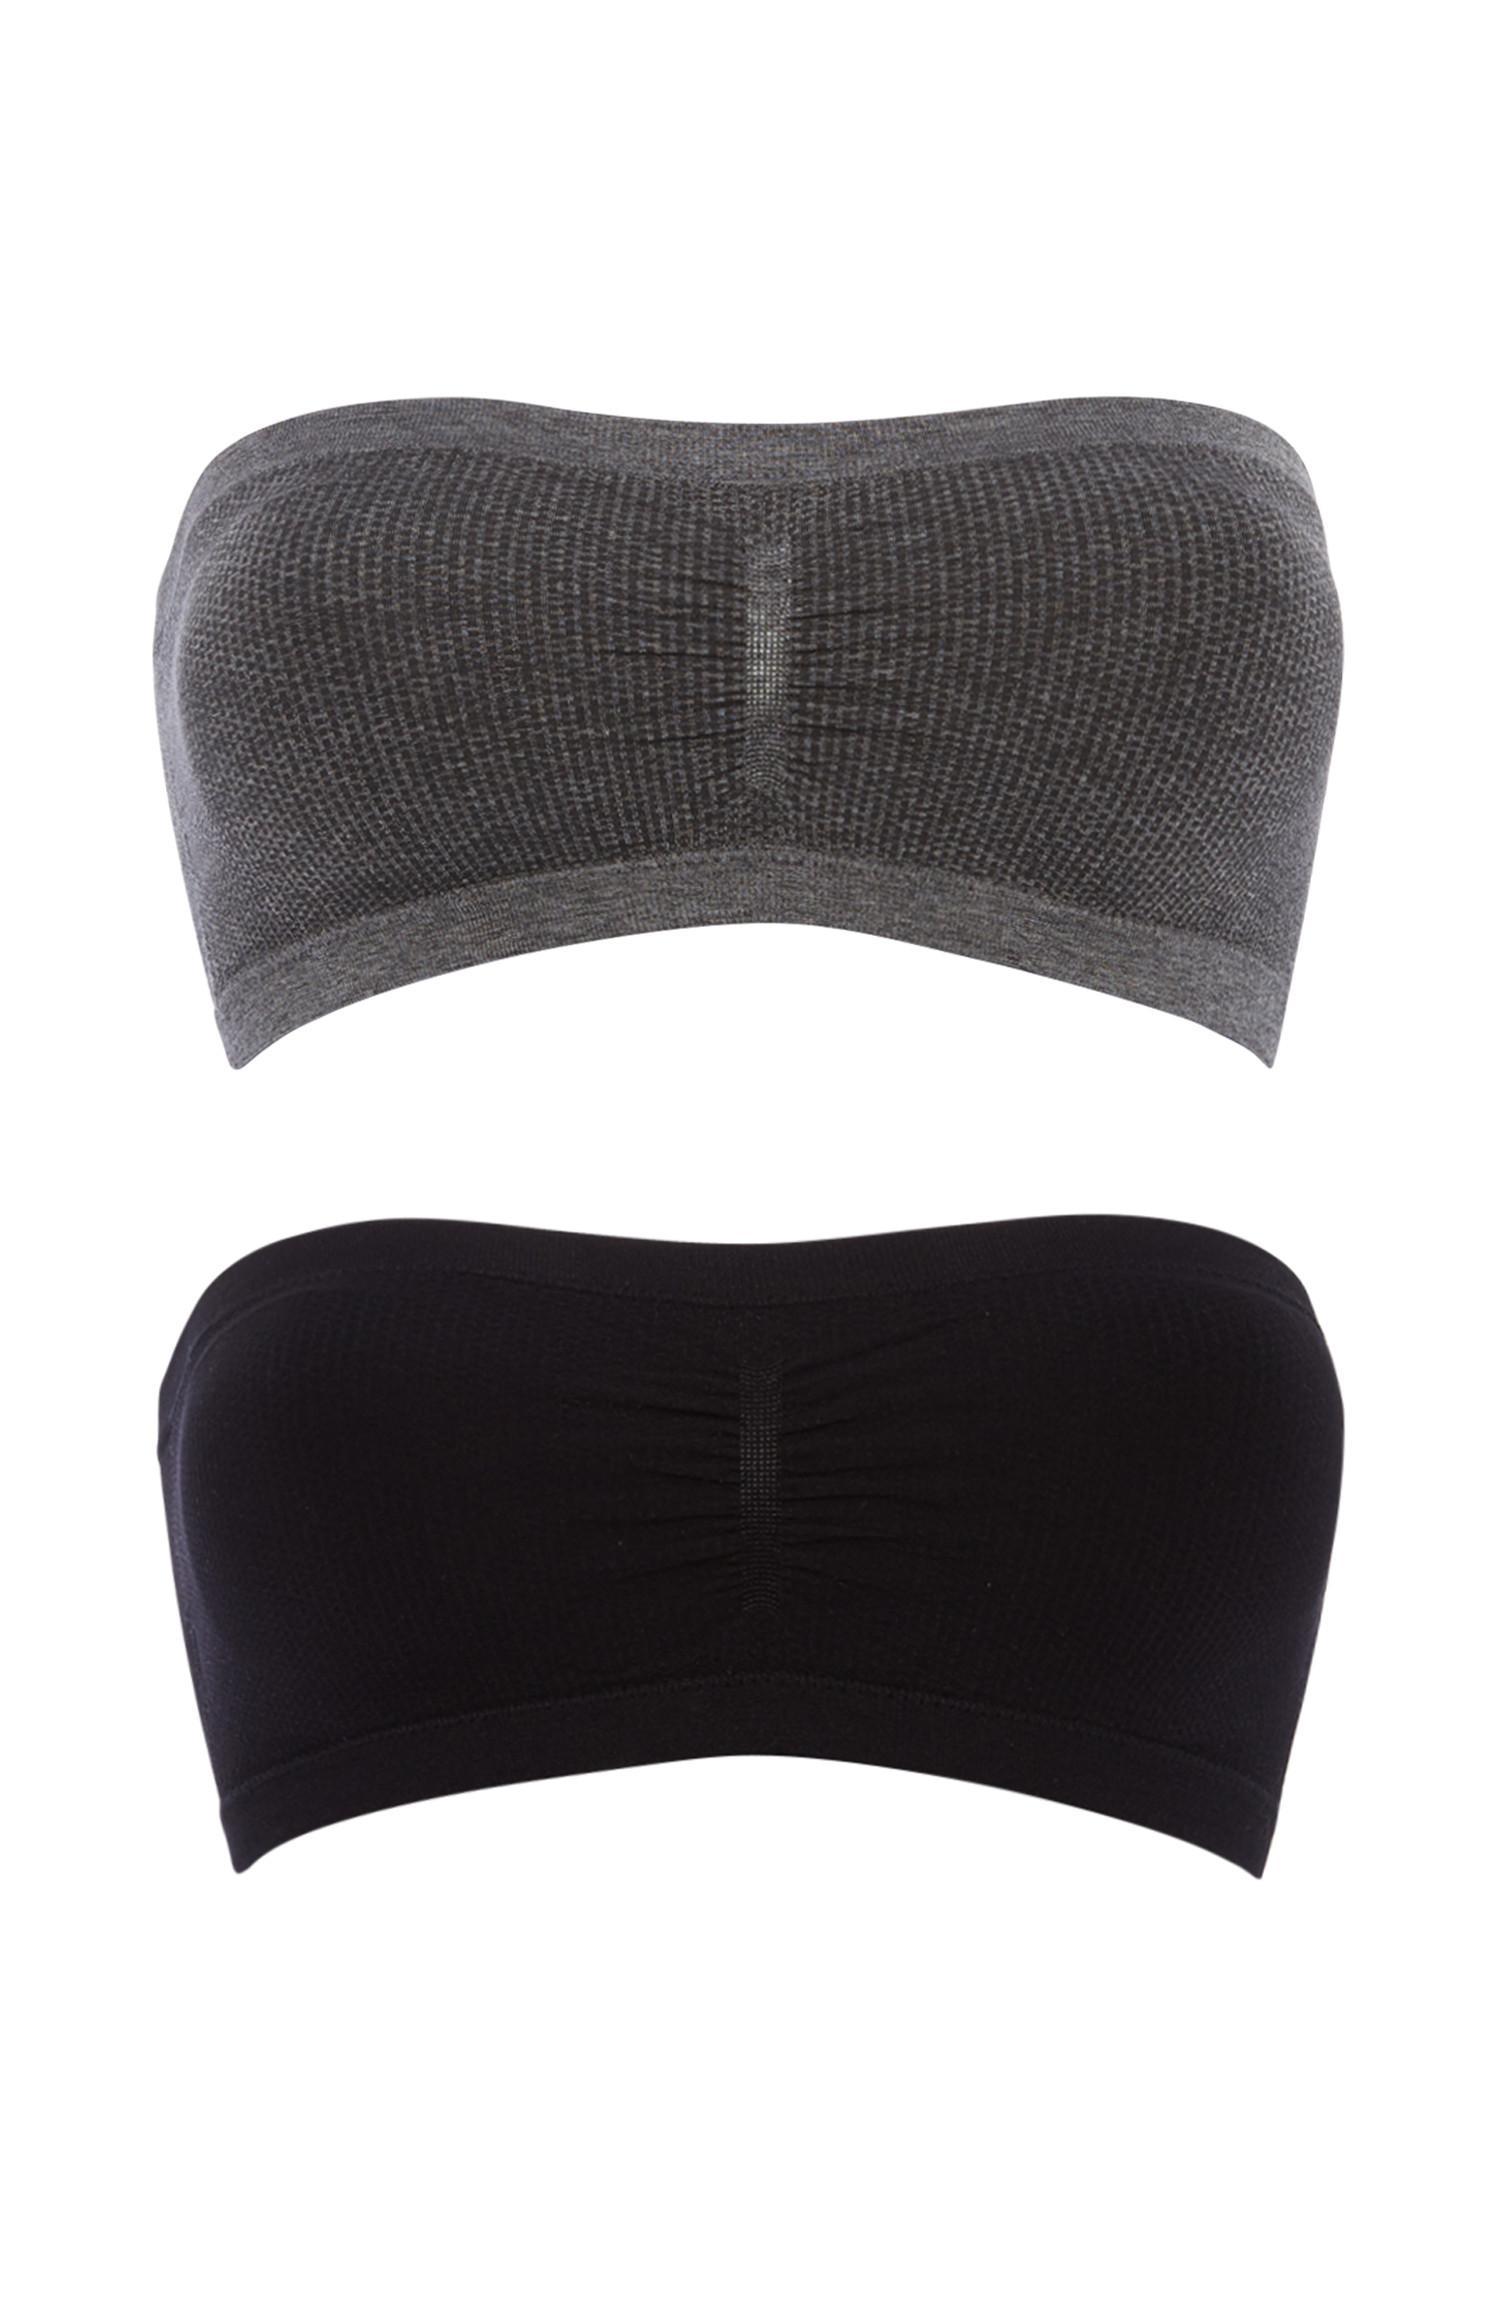 Grau-schwarze Bandeau-Tops, 2er-Pack